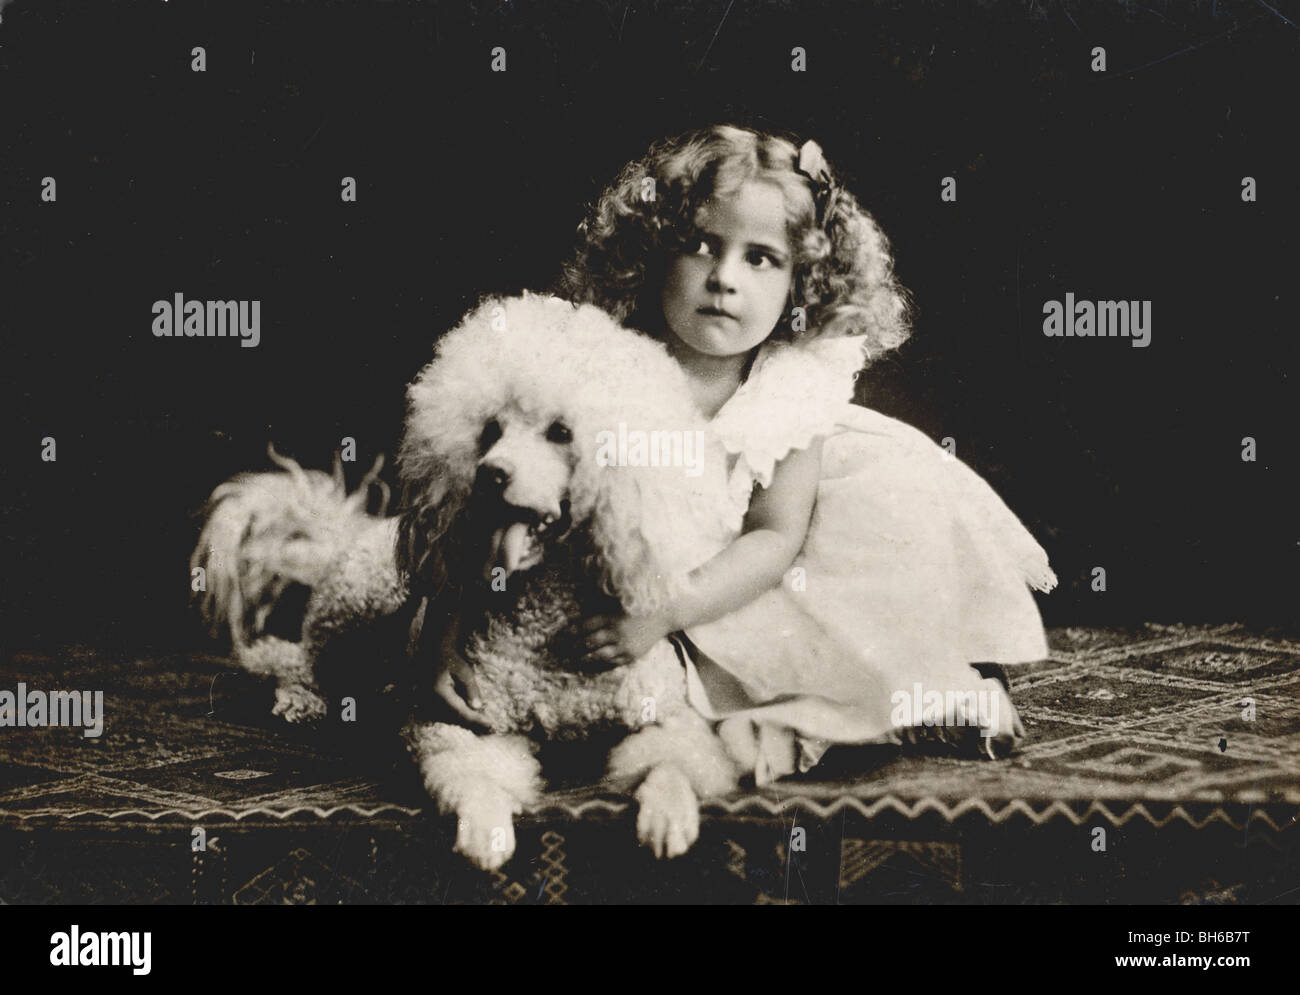 Lookalike Little Girl & Poodle Dog - Stock Image